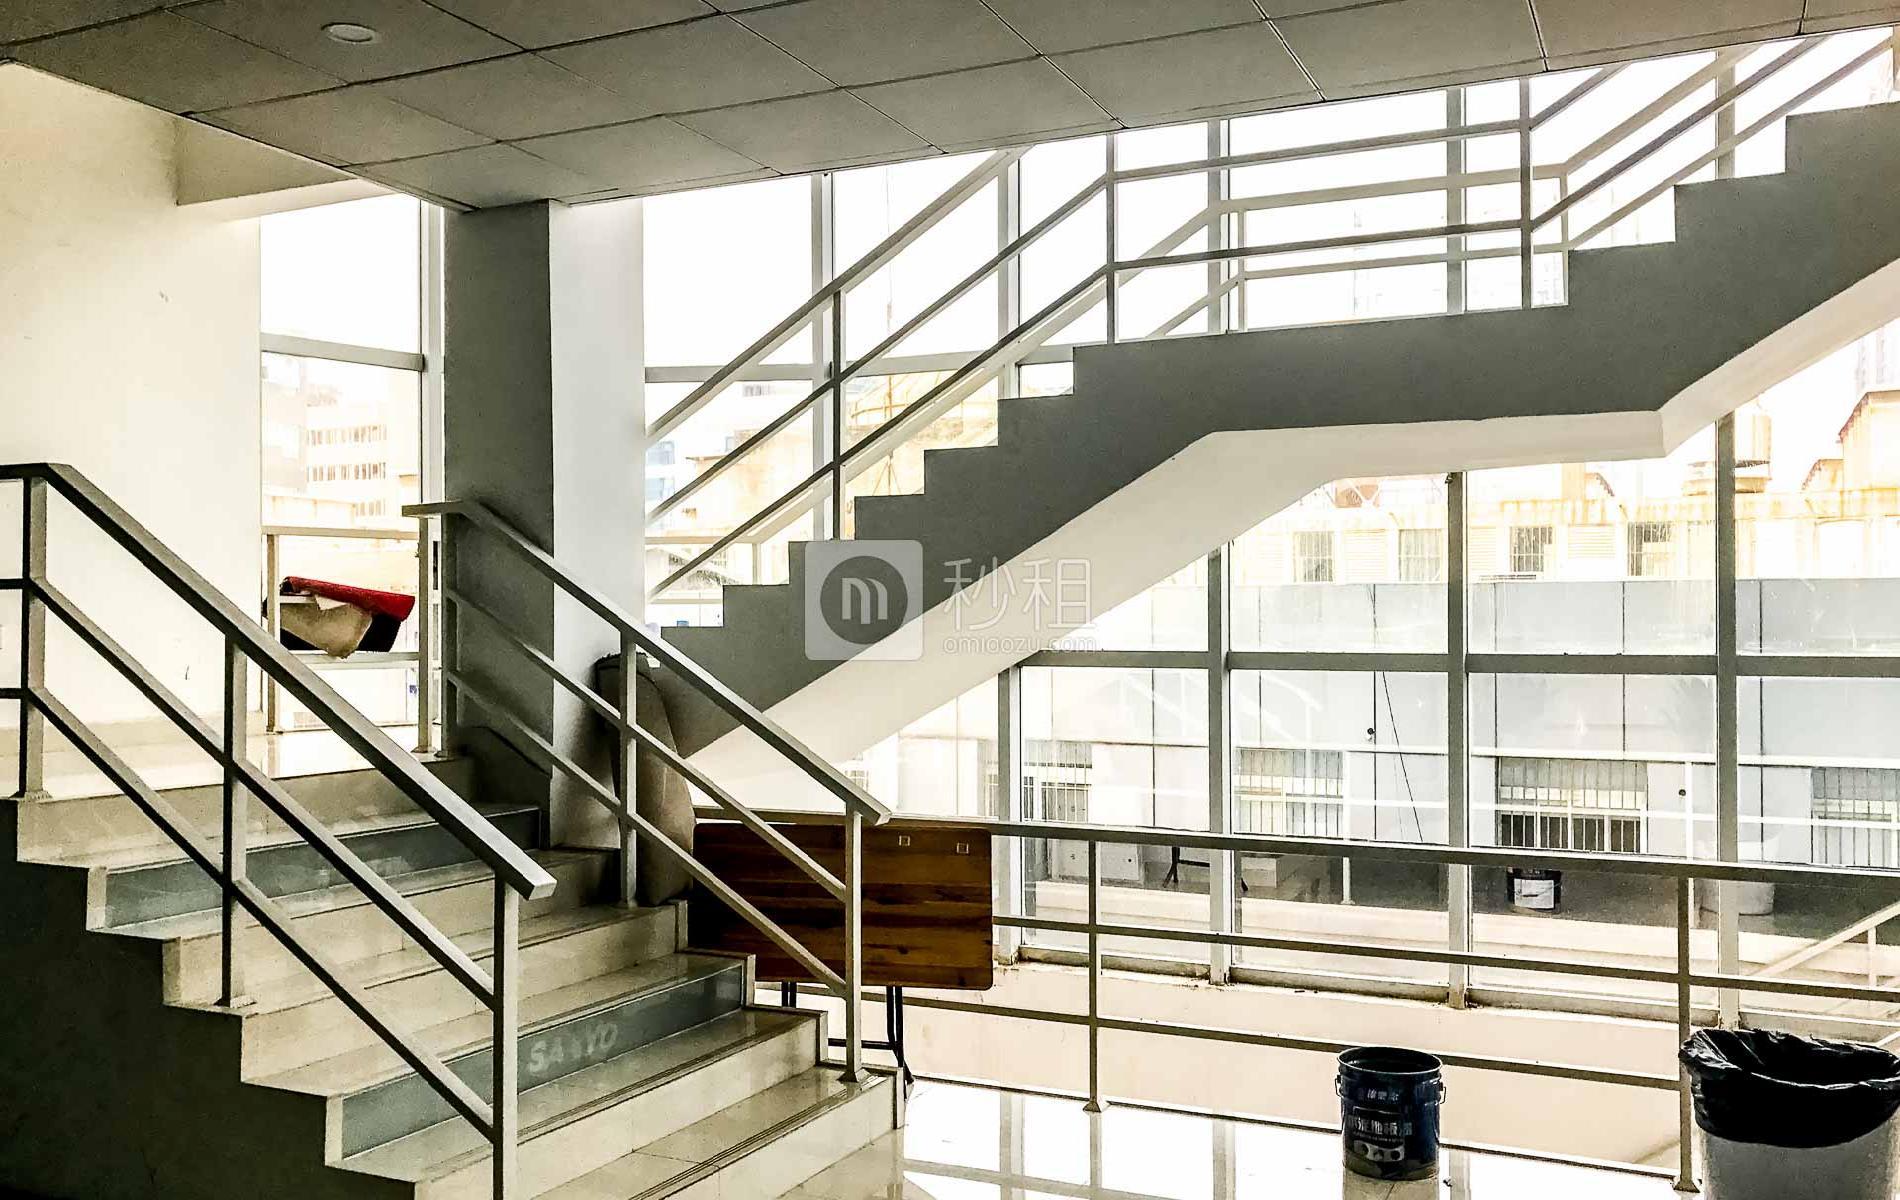 华富洋大厦写字楼出租/招租/租赁,华富洋大厦办公室出租/招租/租赁